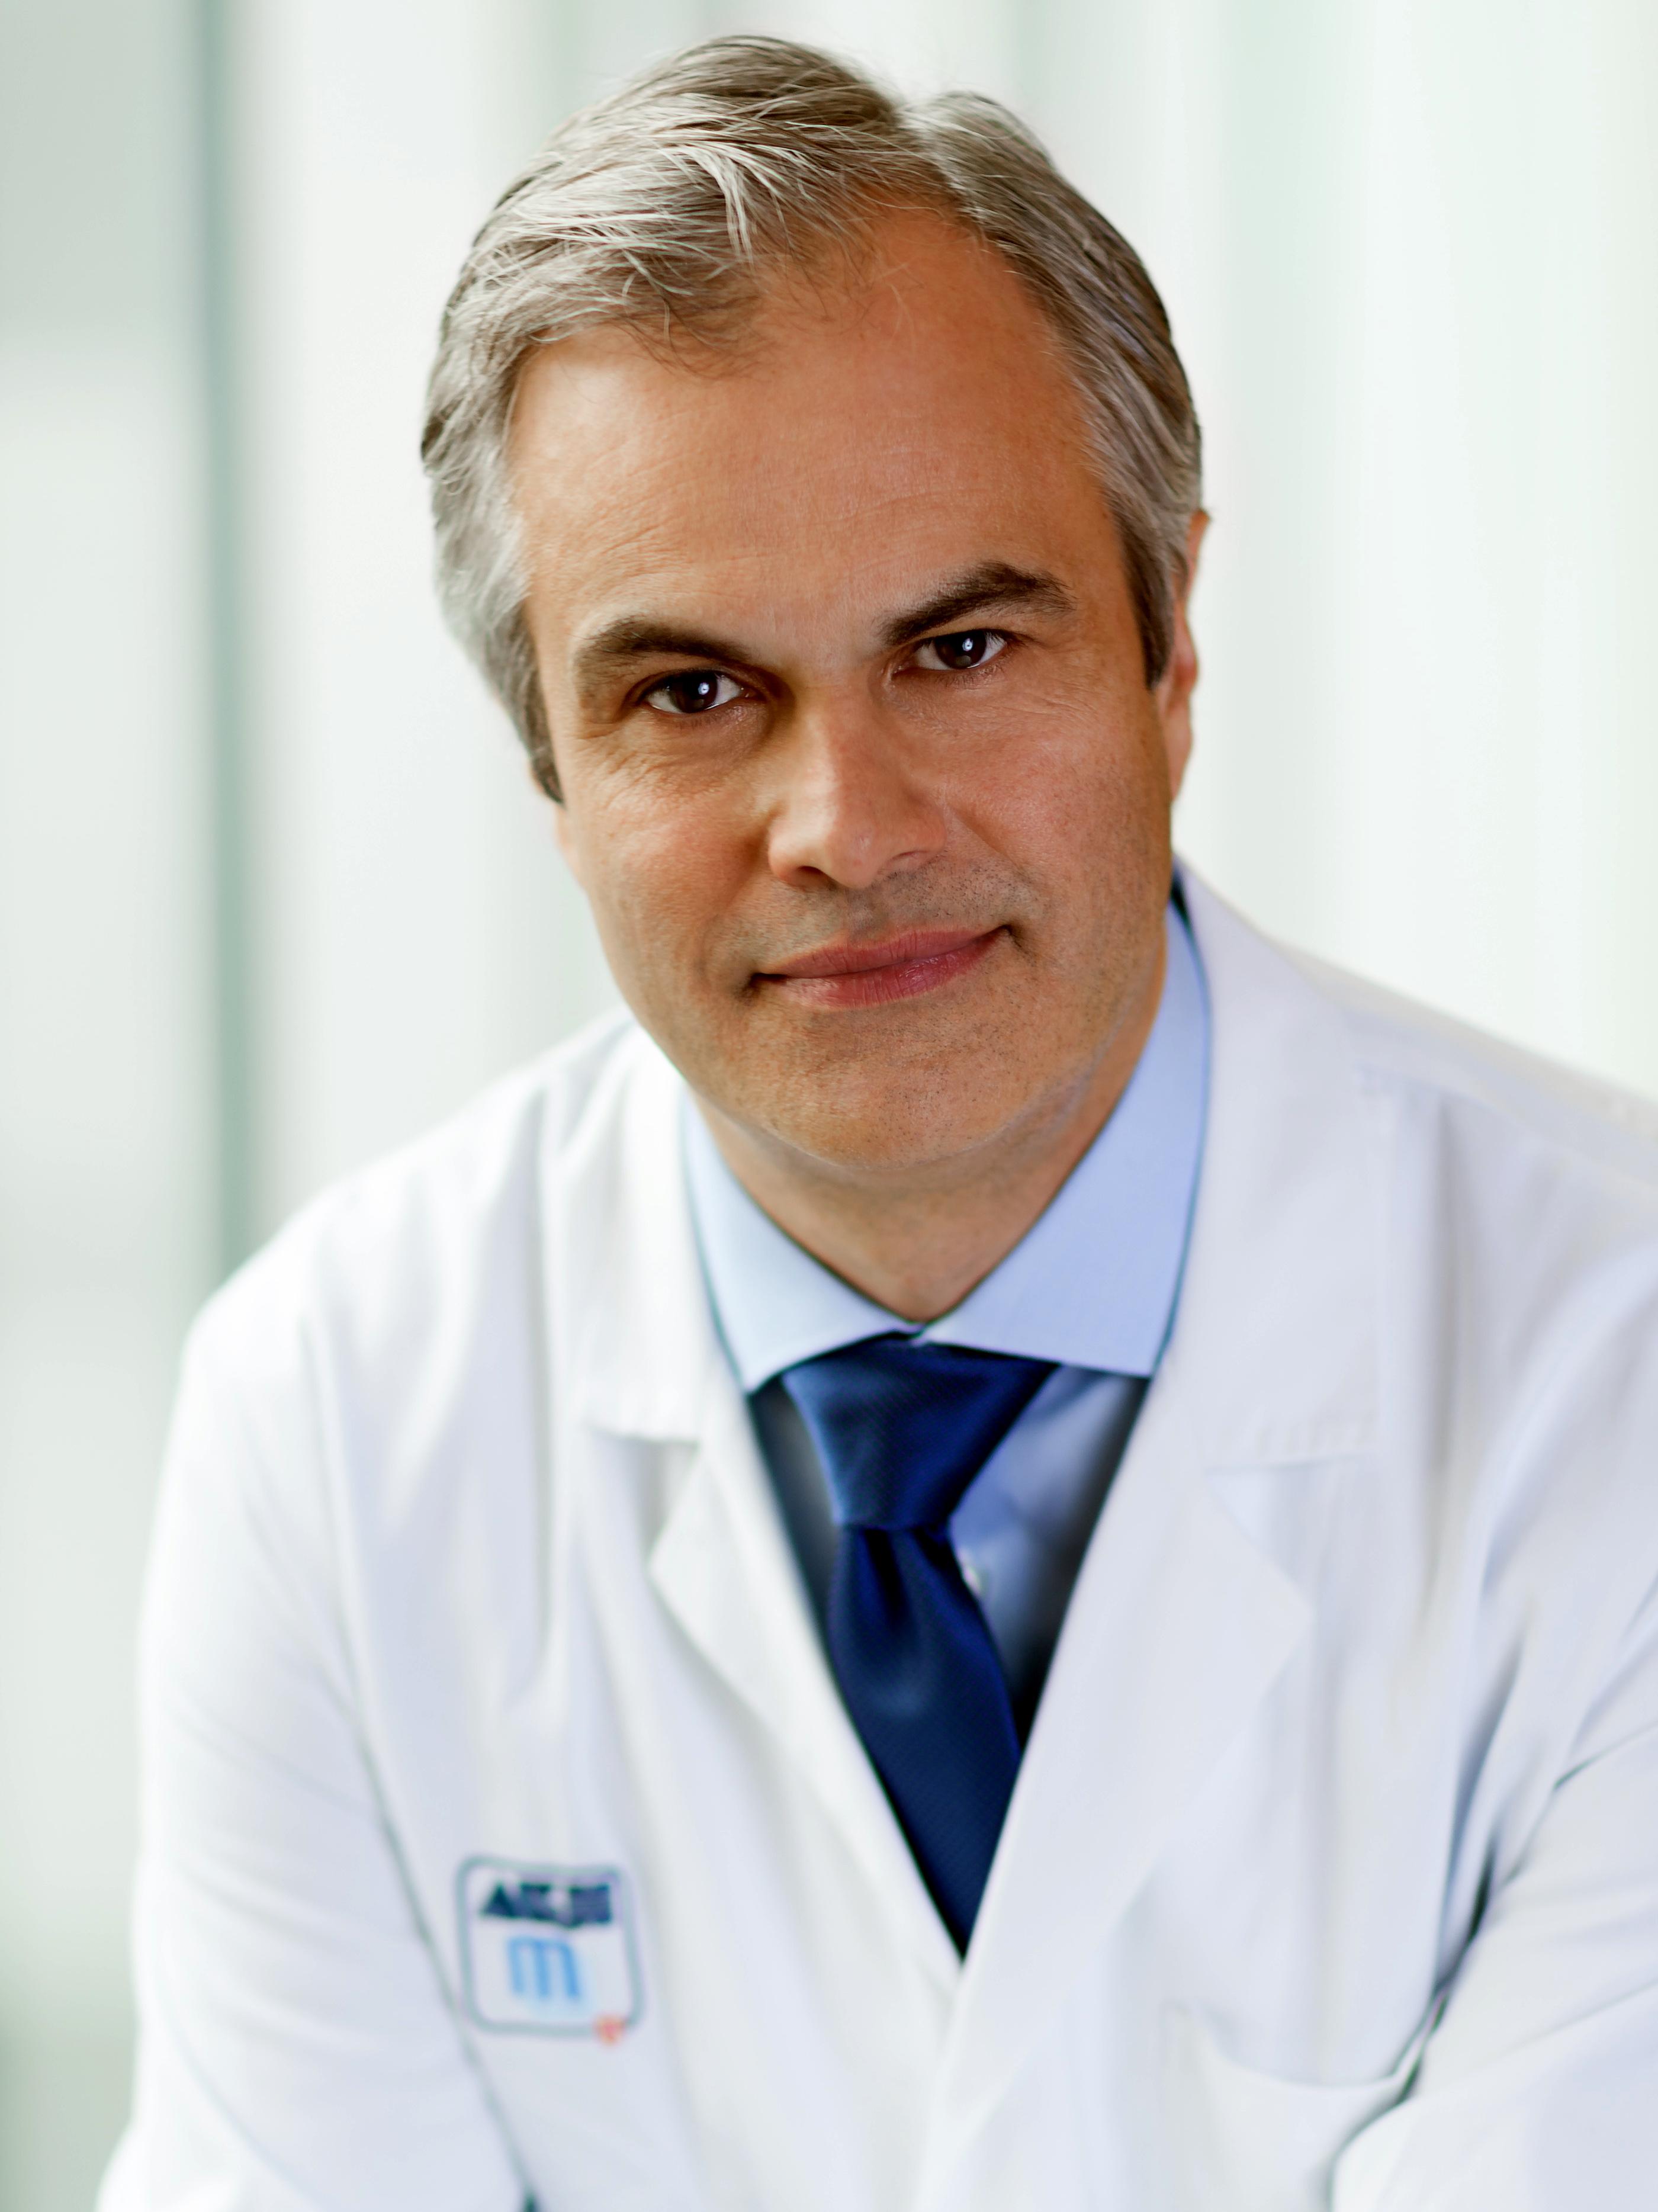 Univ. Prof. Dr. Christian Singer